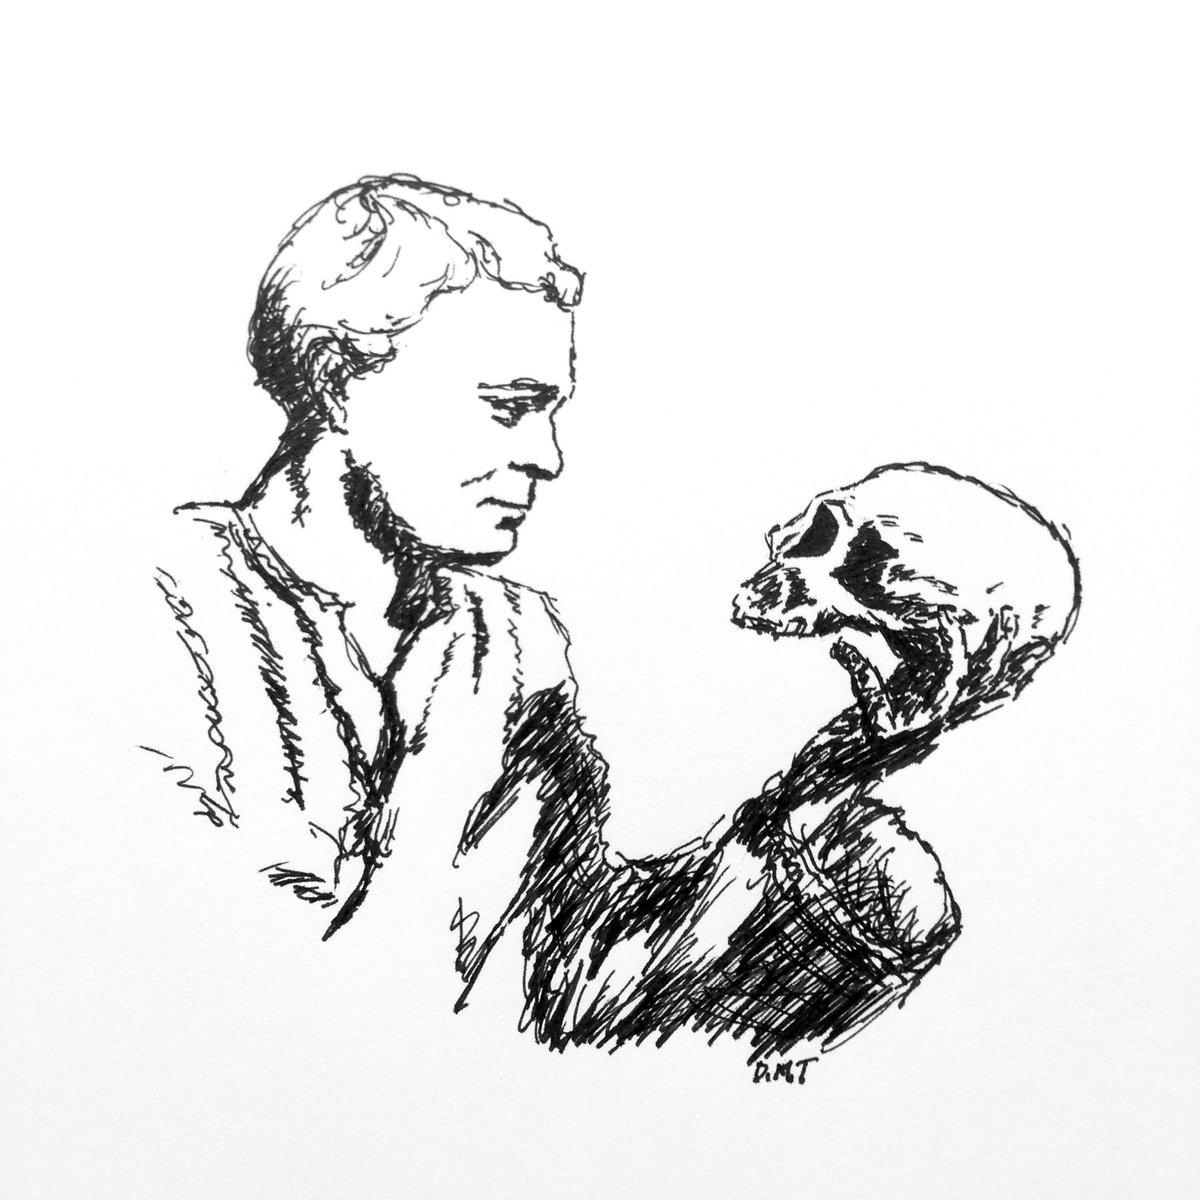 его картинки гамлета с черепом ведь